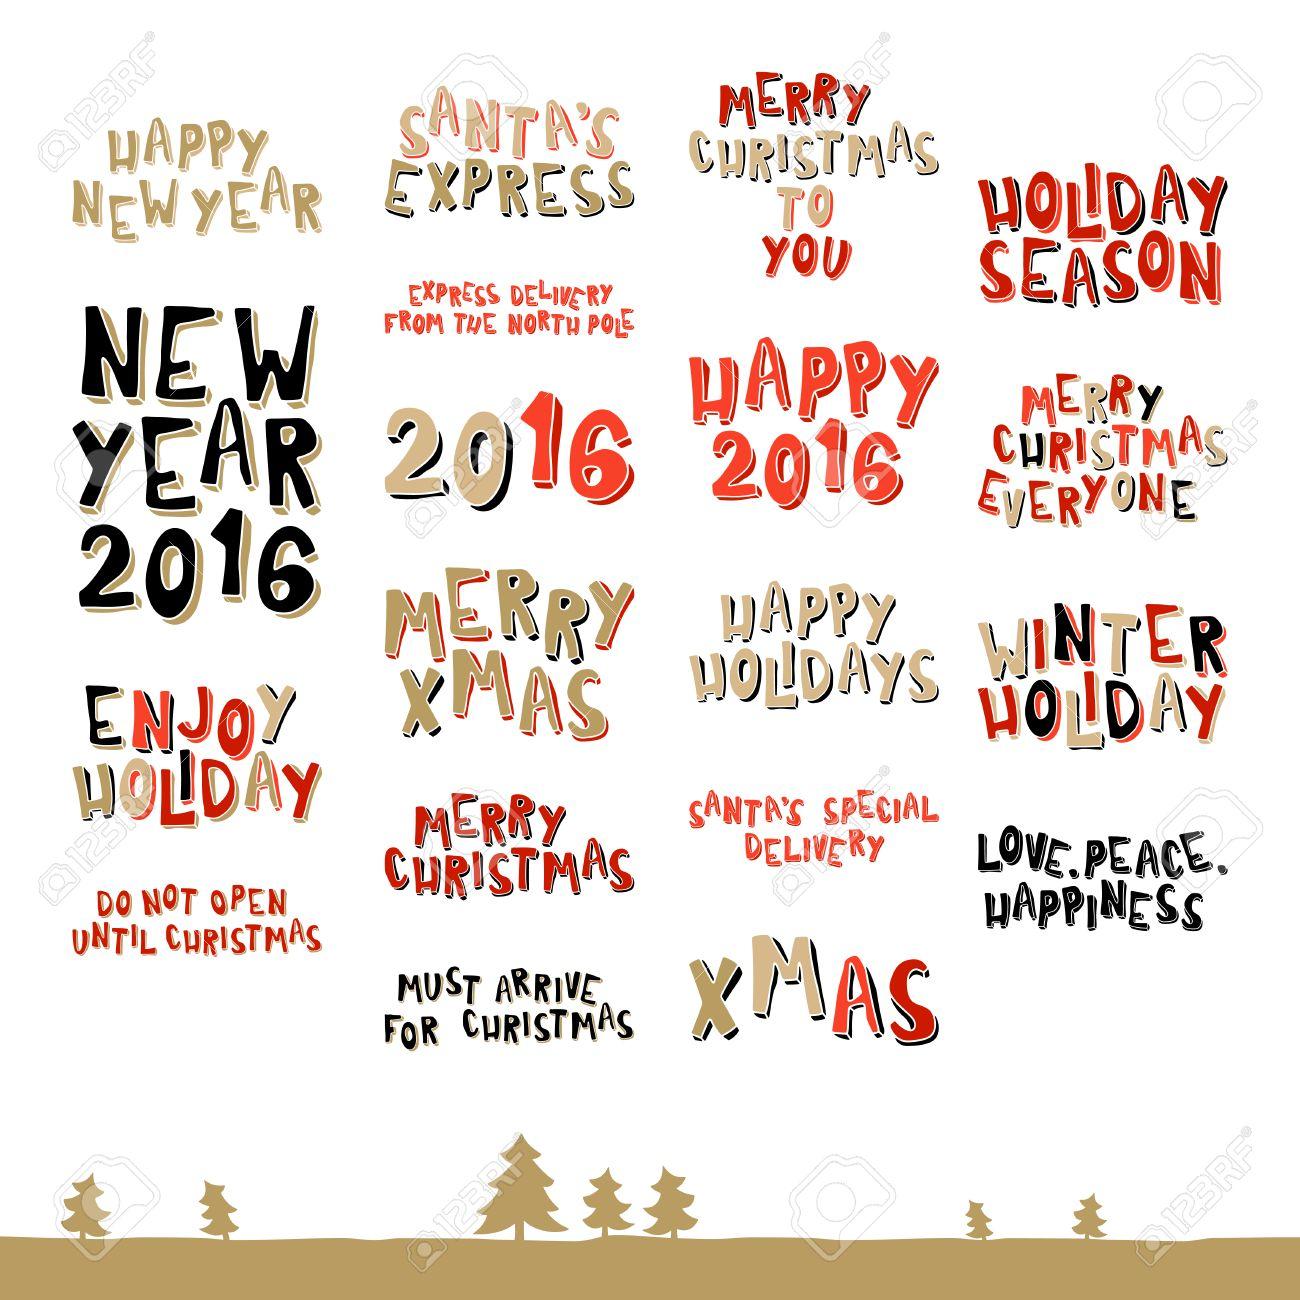 Frases De Felitacion De Navidad.Una Gran Coleccion De Frases De Felicitacion De Navidad En El Estilo De Dibujos Animados